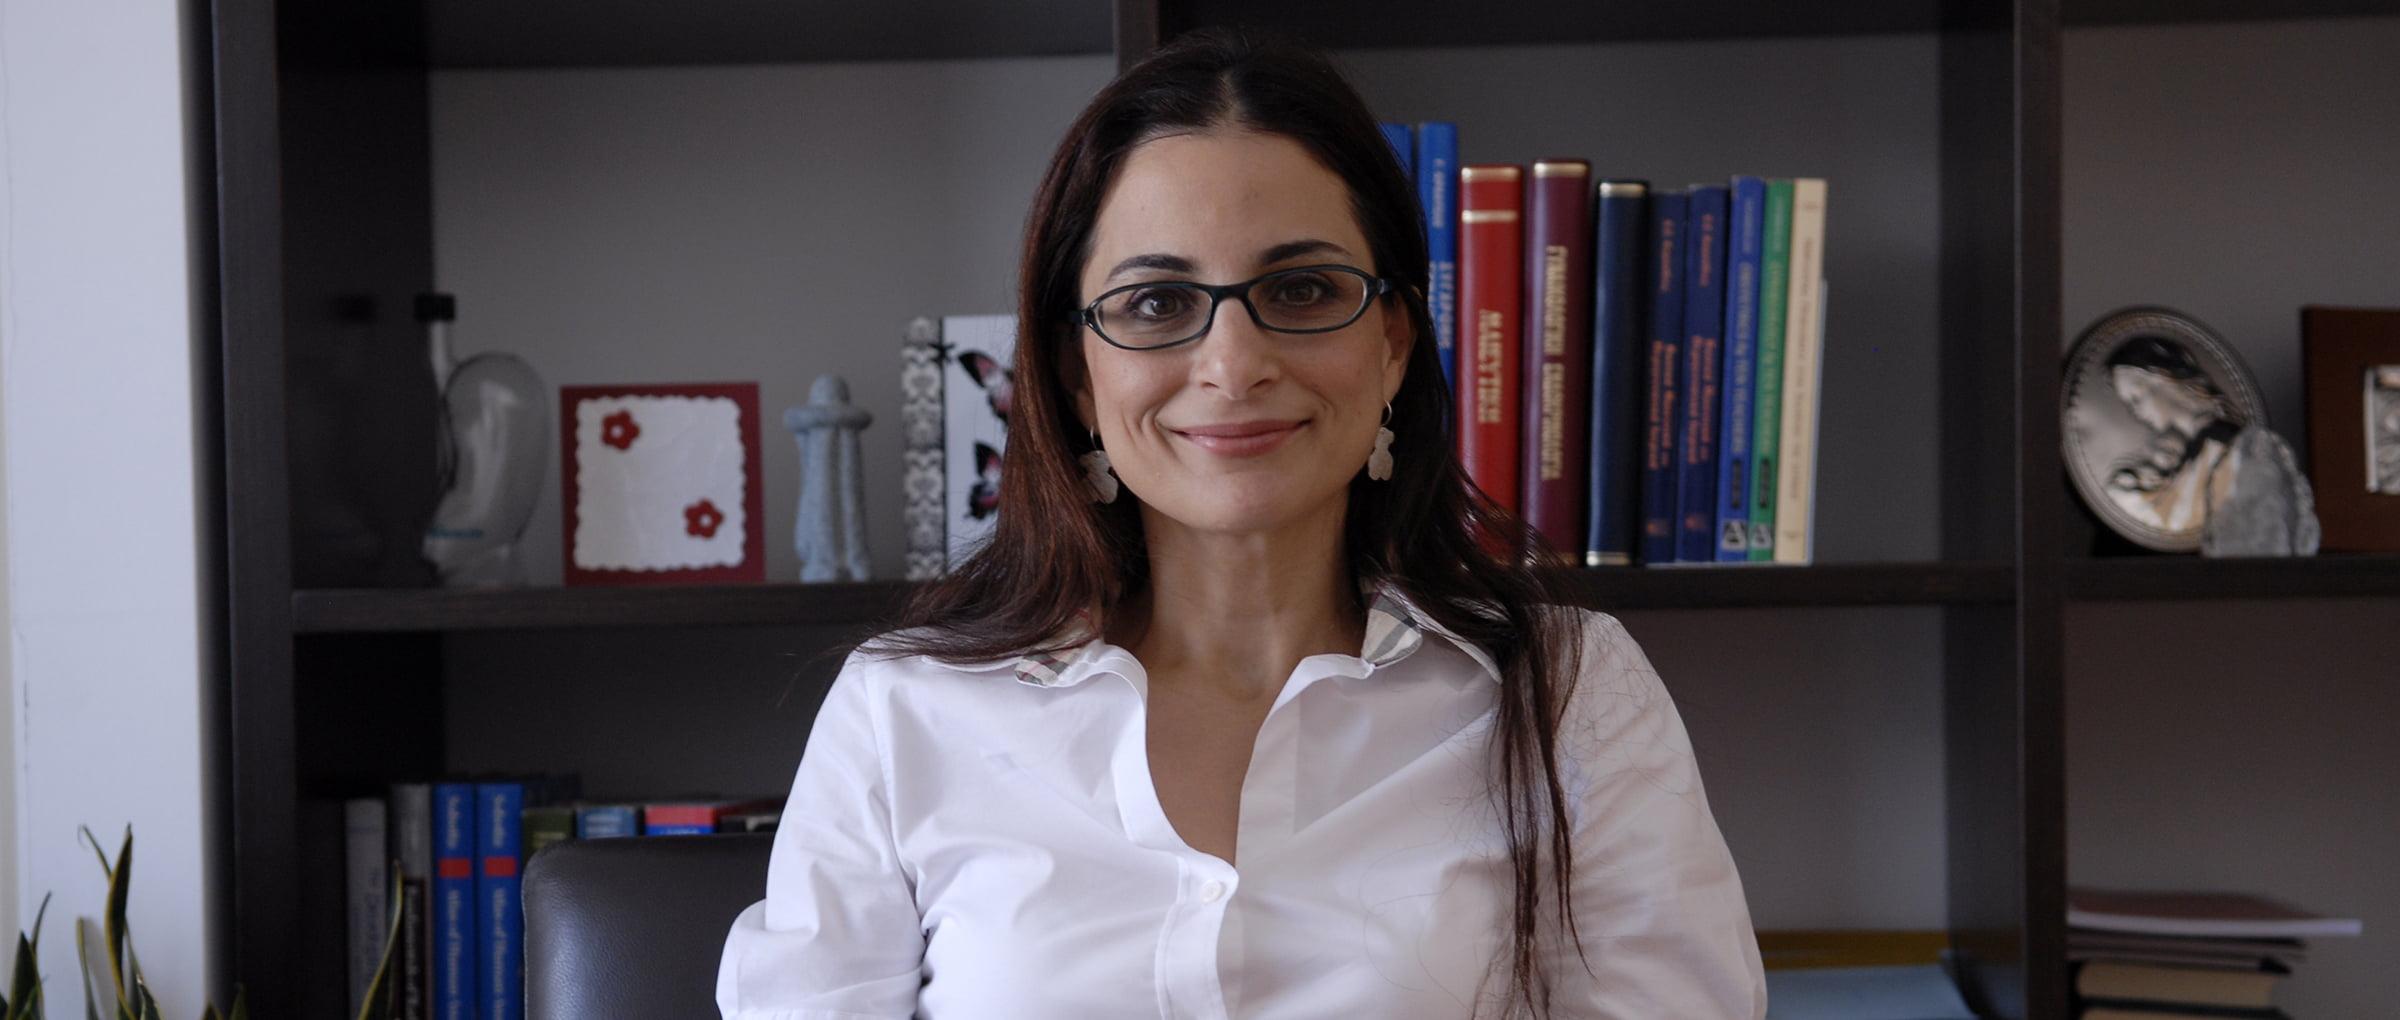 Dr Sofia Frakala